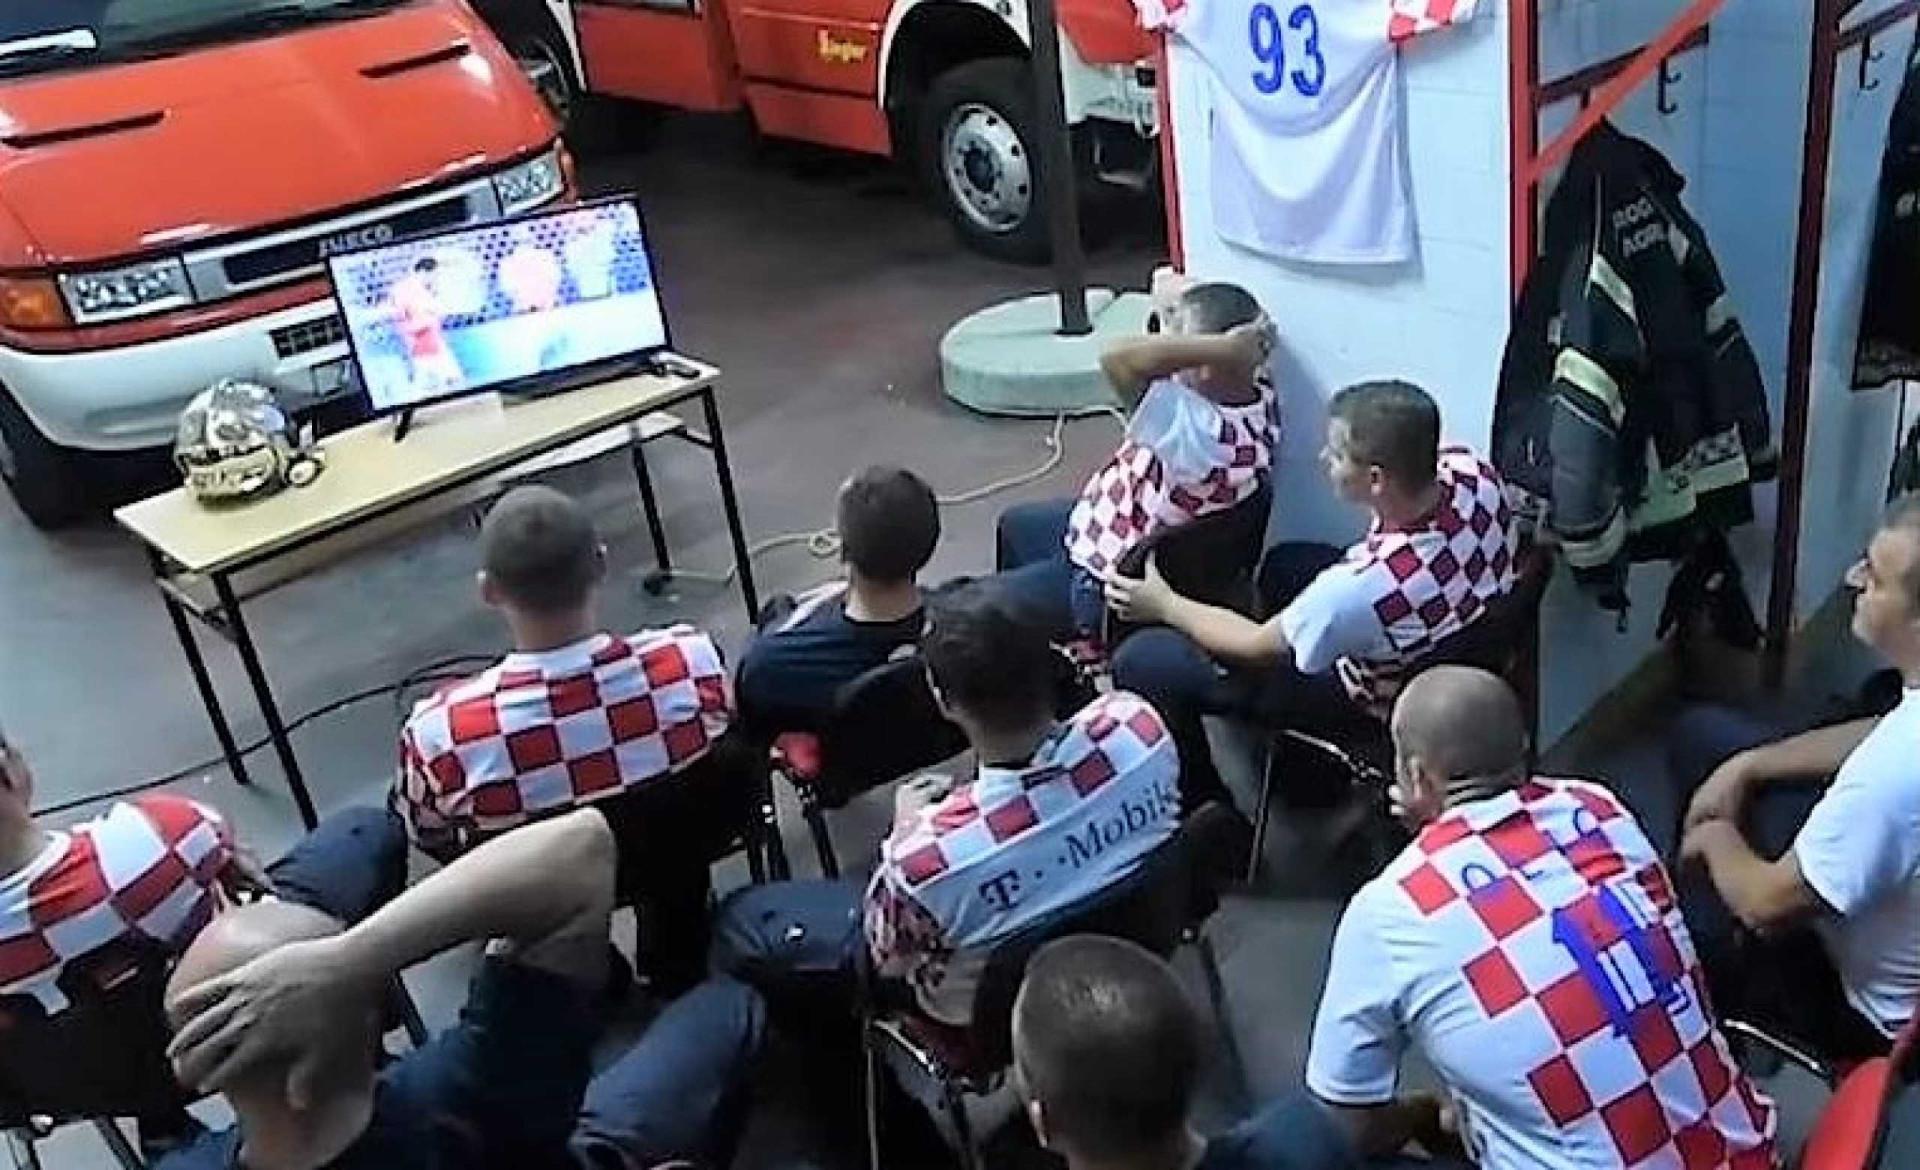 Assistiam a penáltis da Croácia, alarme tocou. Bombeiros reagiram assim